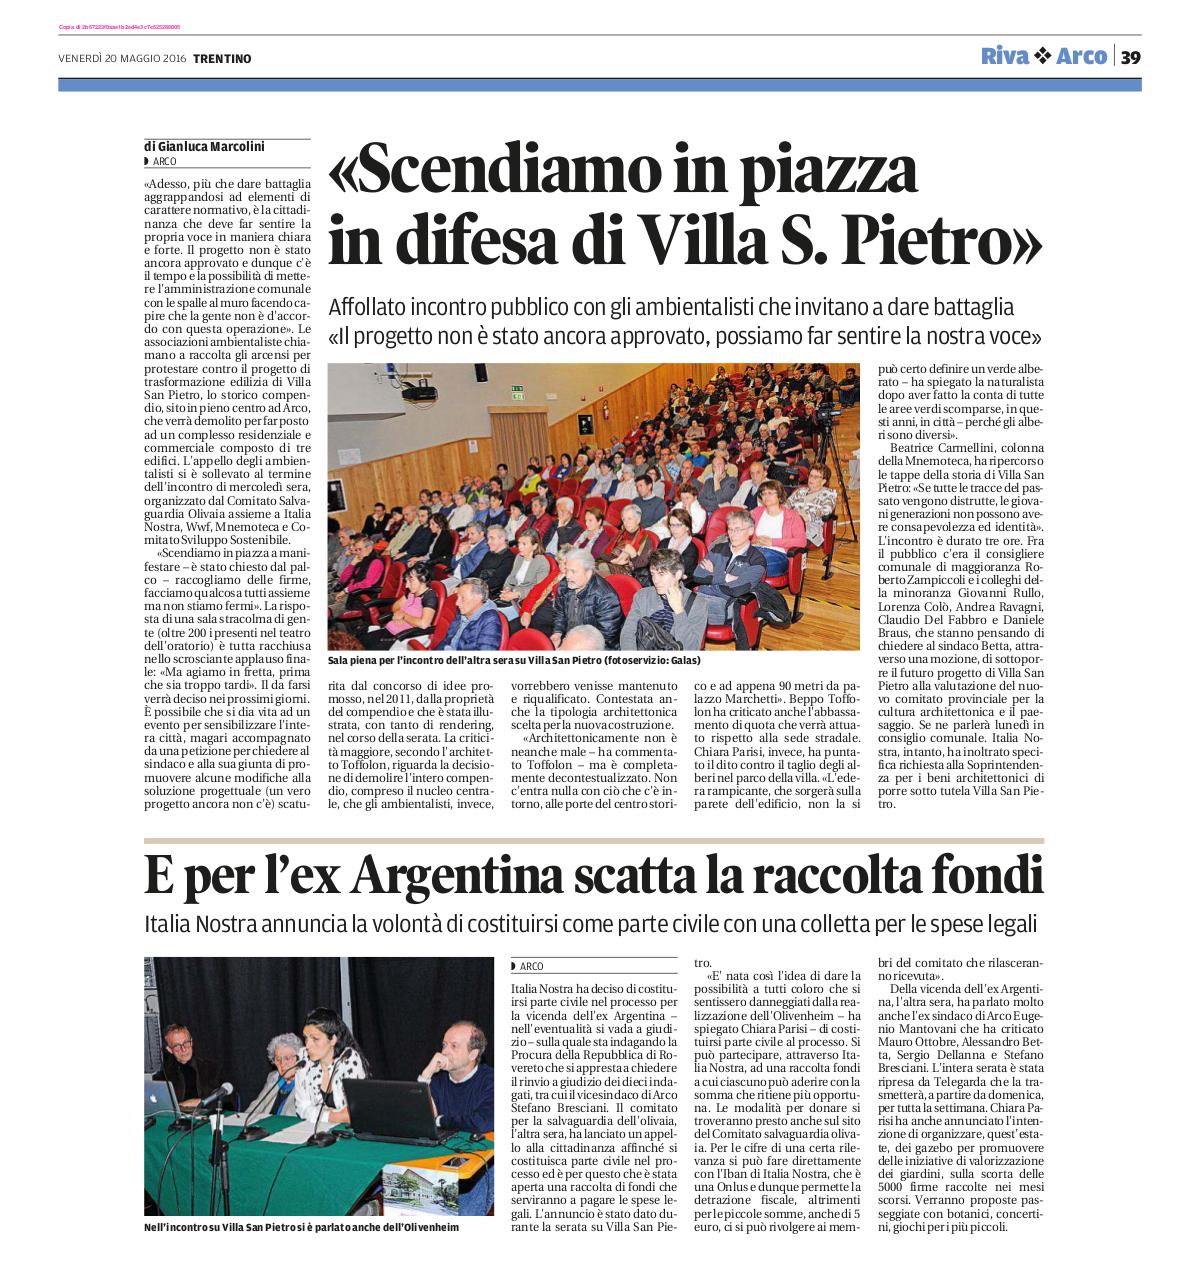 2016 05 20 Trentino - Arco, in difesa di villa S. Pietro e ex Argentina